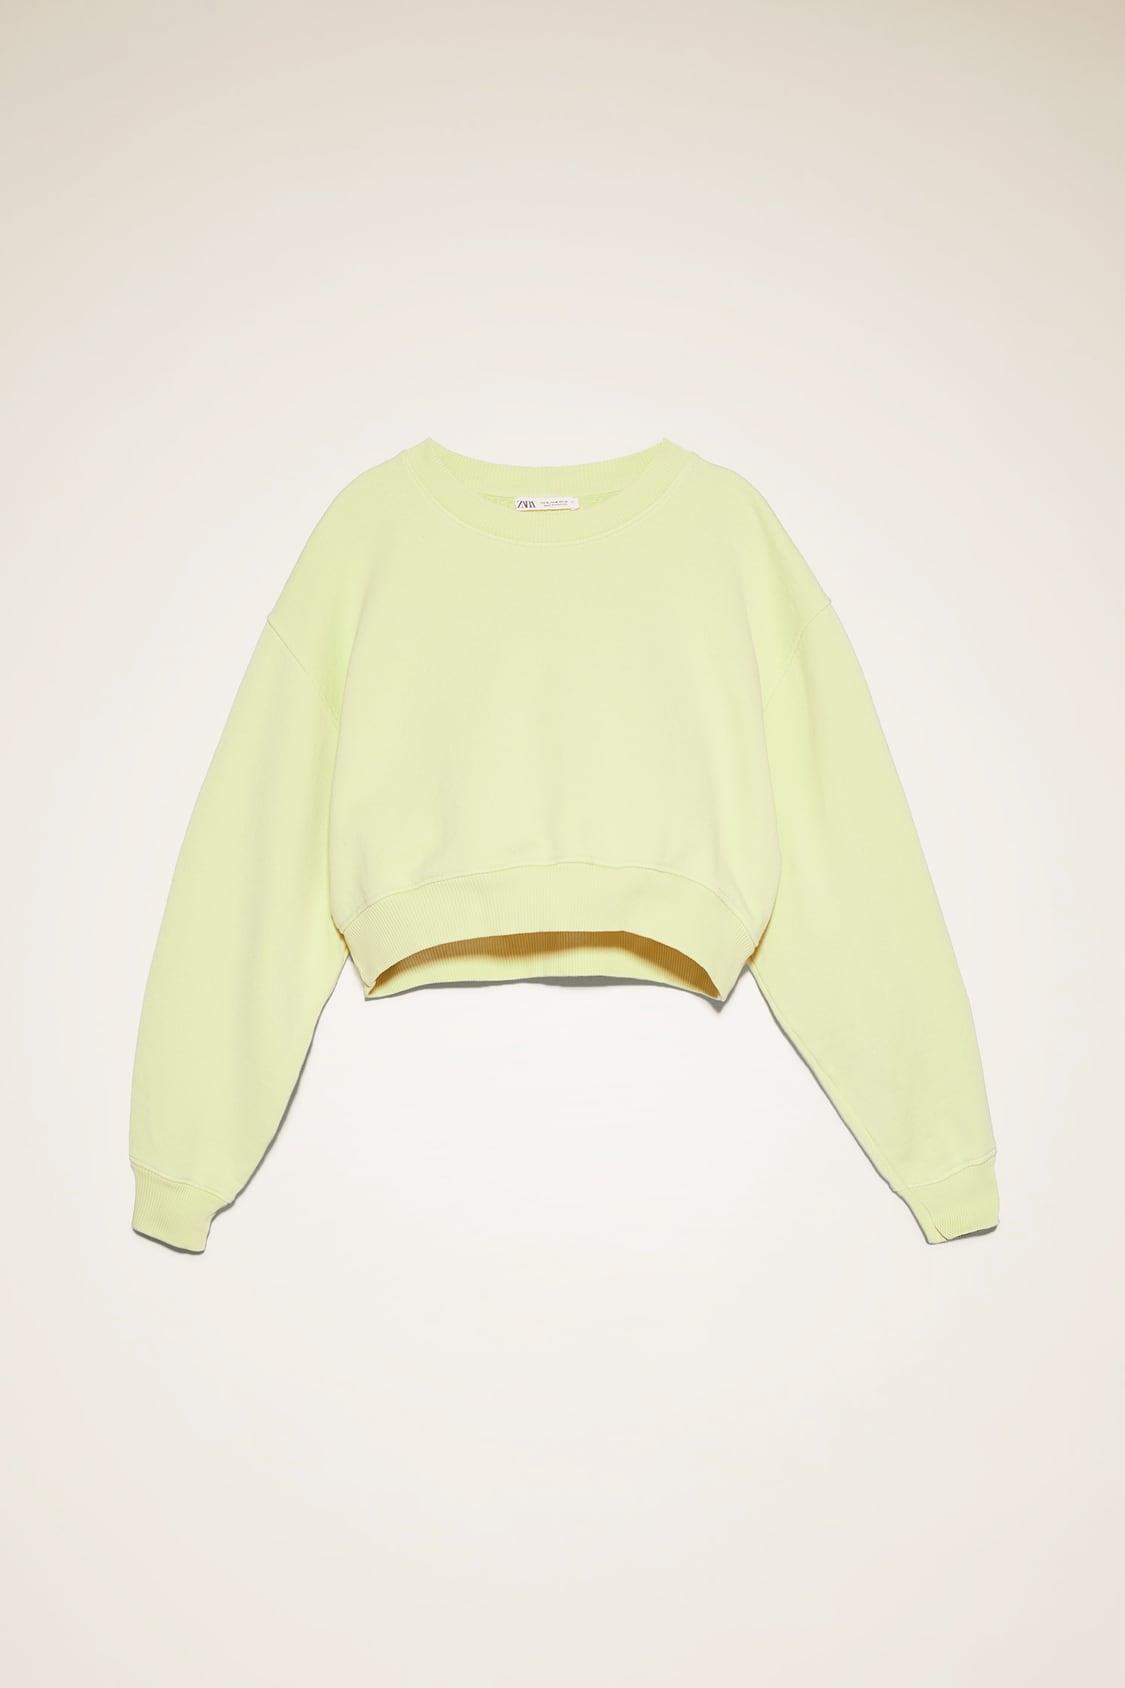 Zara y Pantone crean una colección con los 7 colores de la próxima primavera/verano 2020 y tú puedes personalizarla